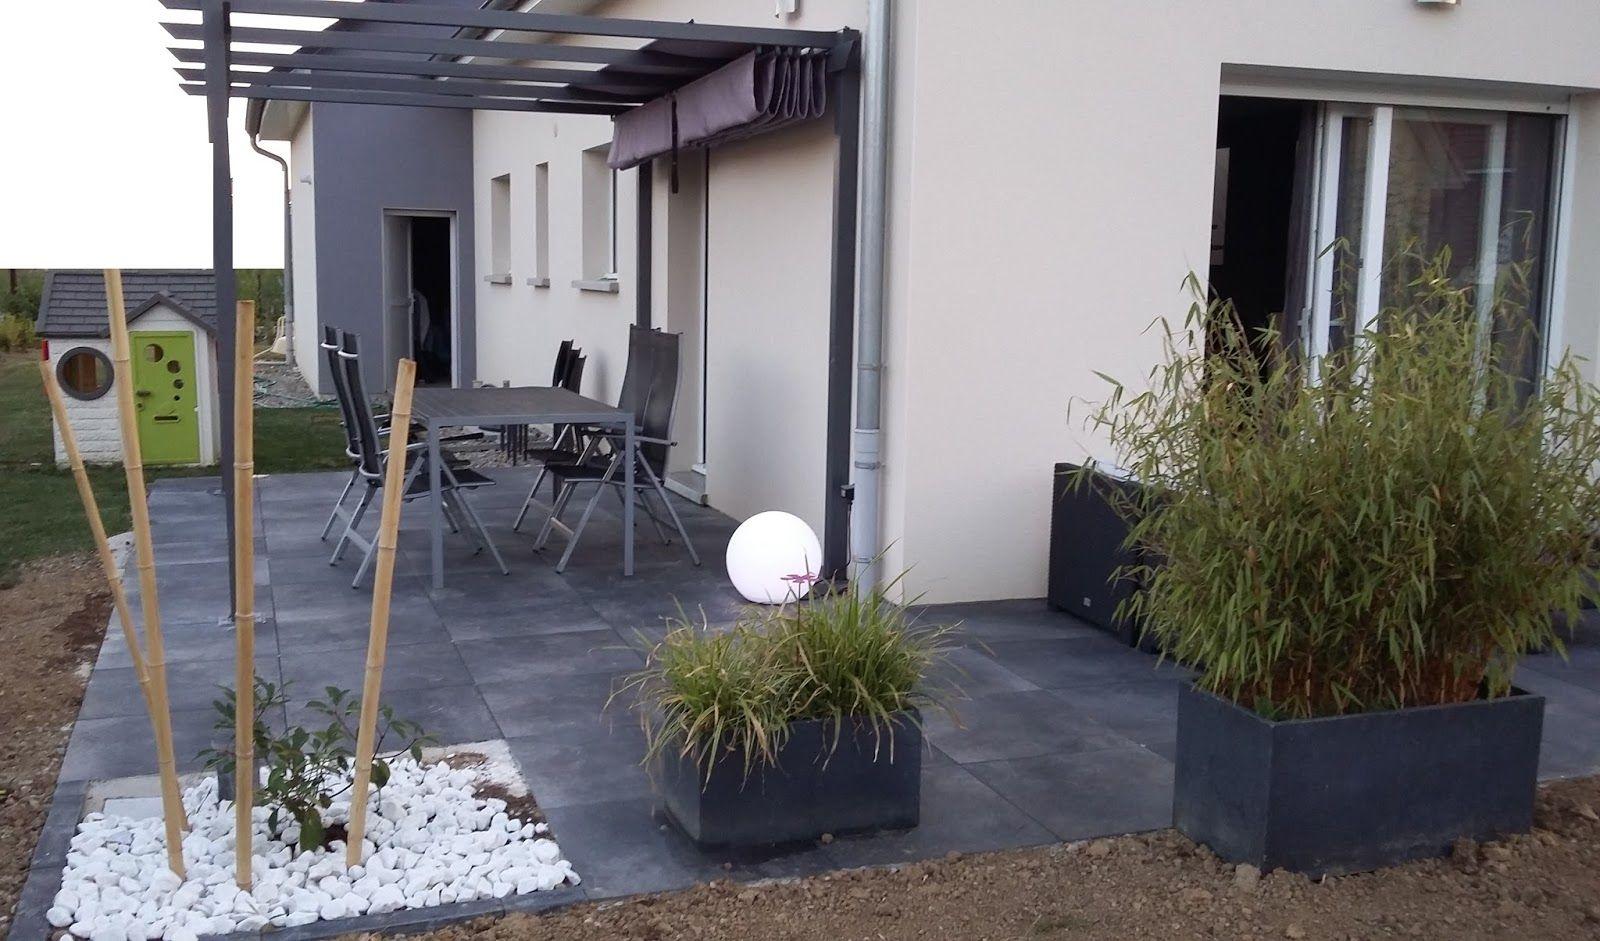 terrasse design dalles noires anthracite carrelage gr s cerame 20mm bambou salon jardin pergola. Black Bedroom Furniture Sets. Home Design Ideas